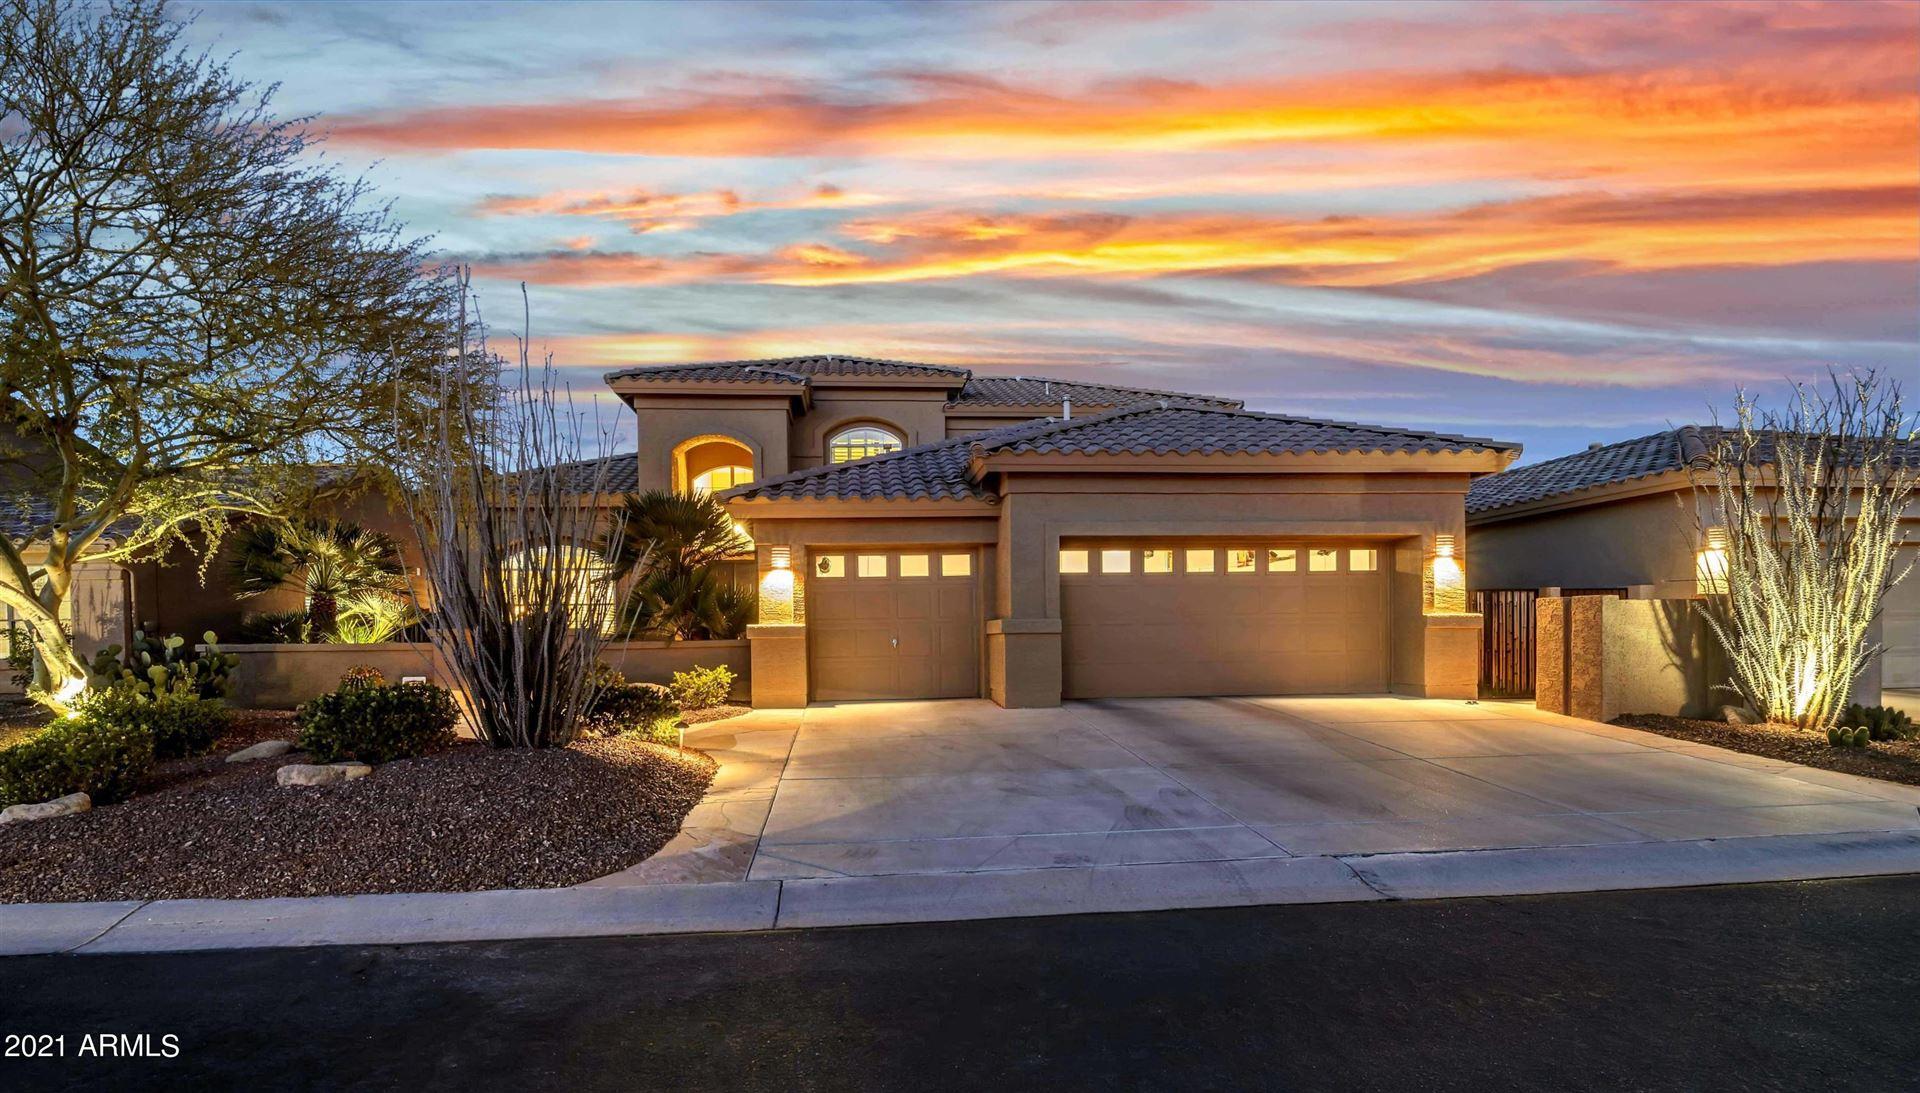 Photo of 24417 S LAKEWAY Circle SW, Sun Lakes, AZ 85248 (MLS # 6197075)